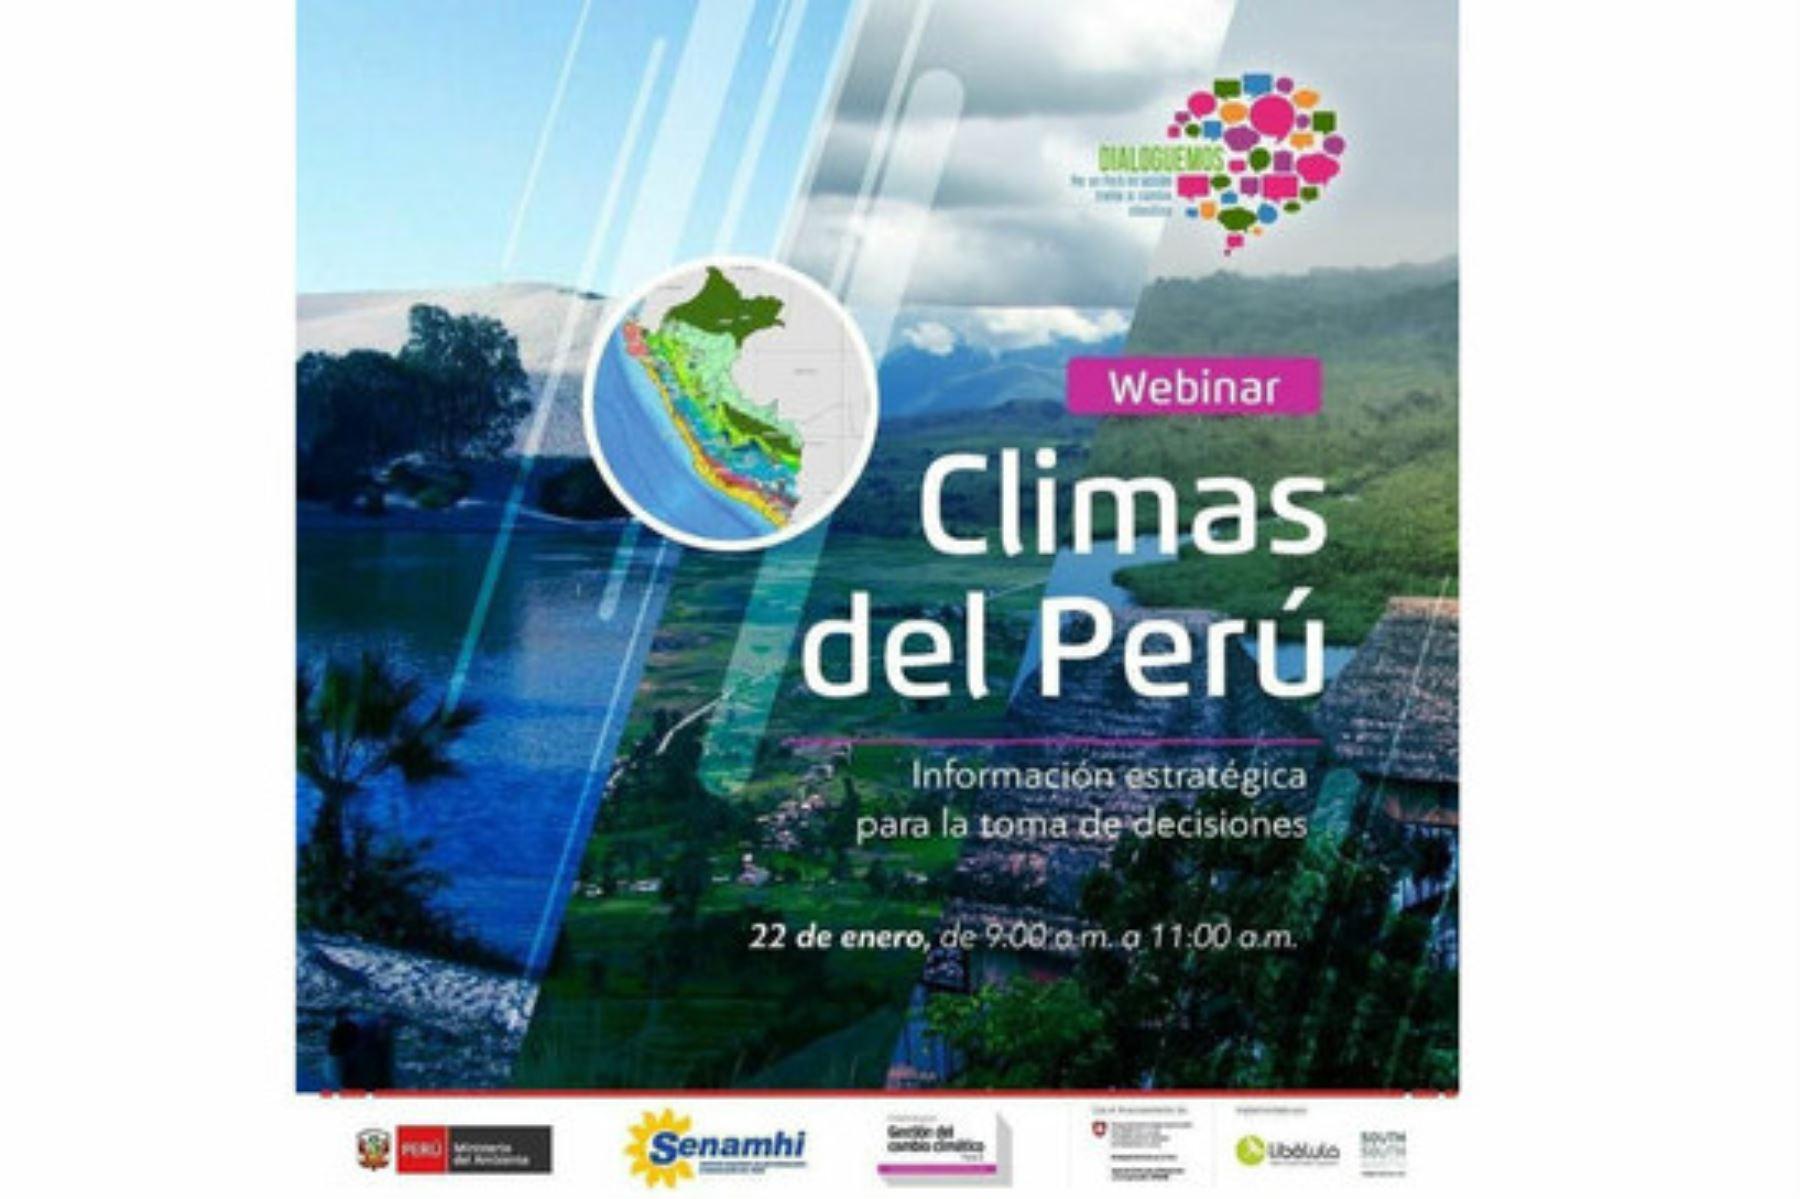 Perú cuenta con 38 climas, 11 más respecto a 1988, según mapa actualizado por el Minam y el Senamhi. Foto: ANDINA/Difusión